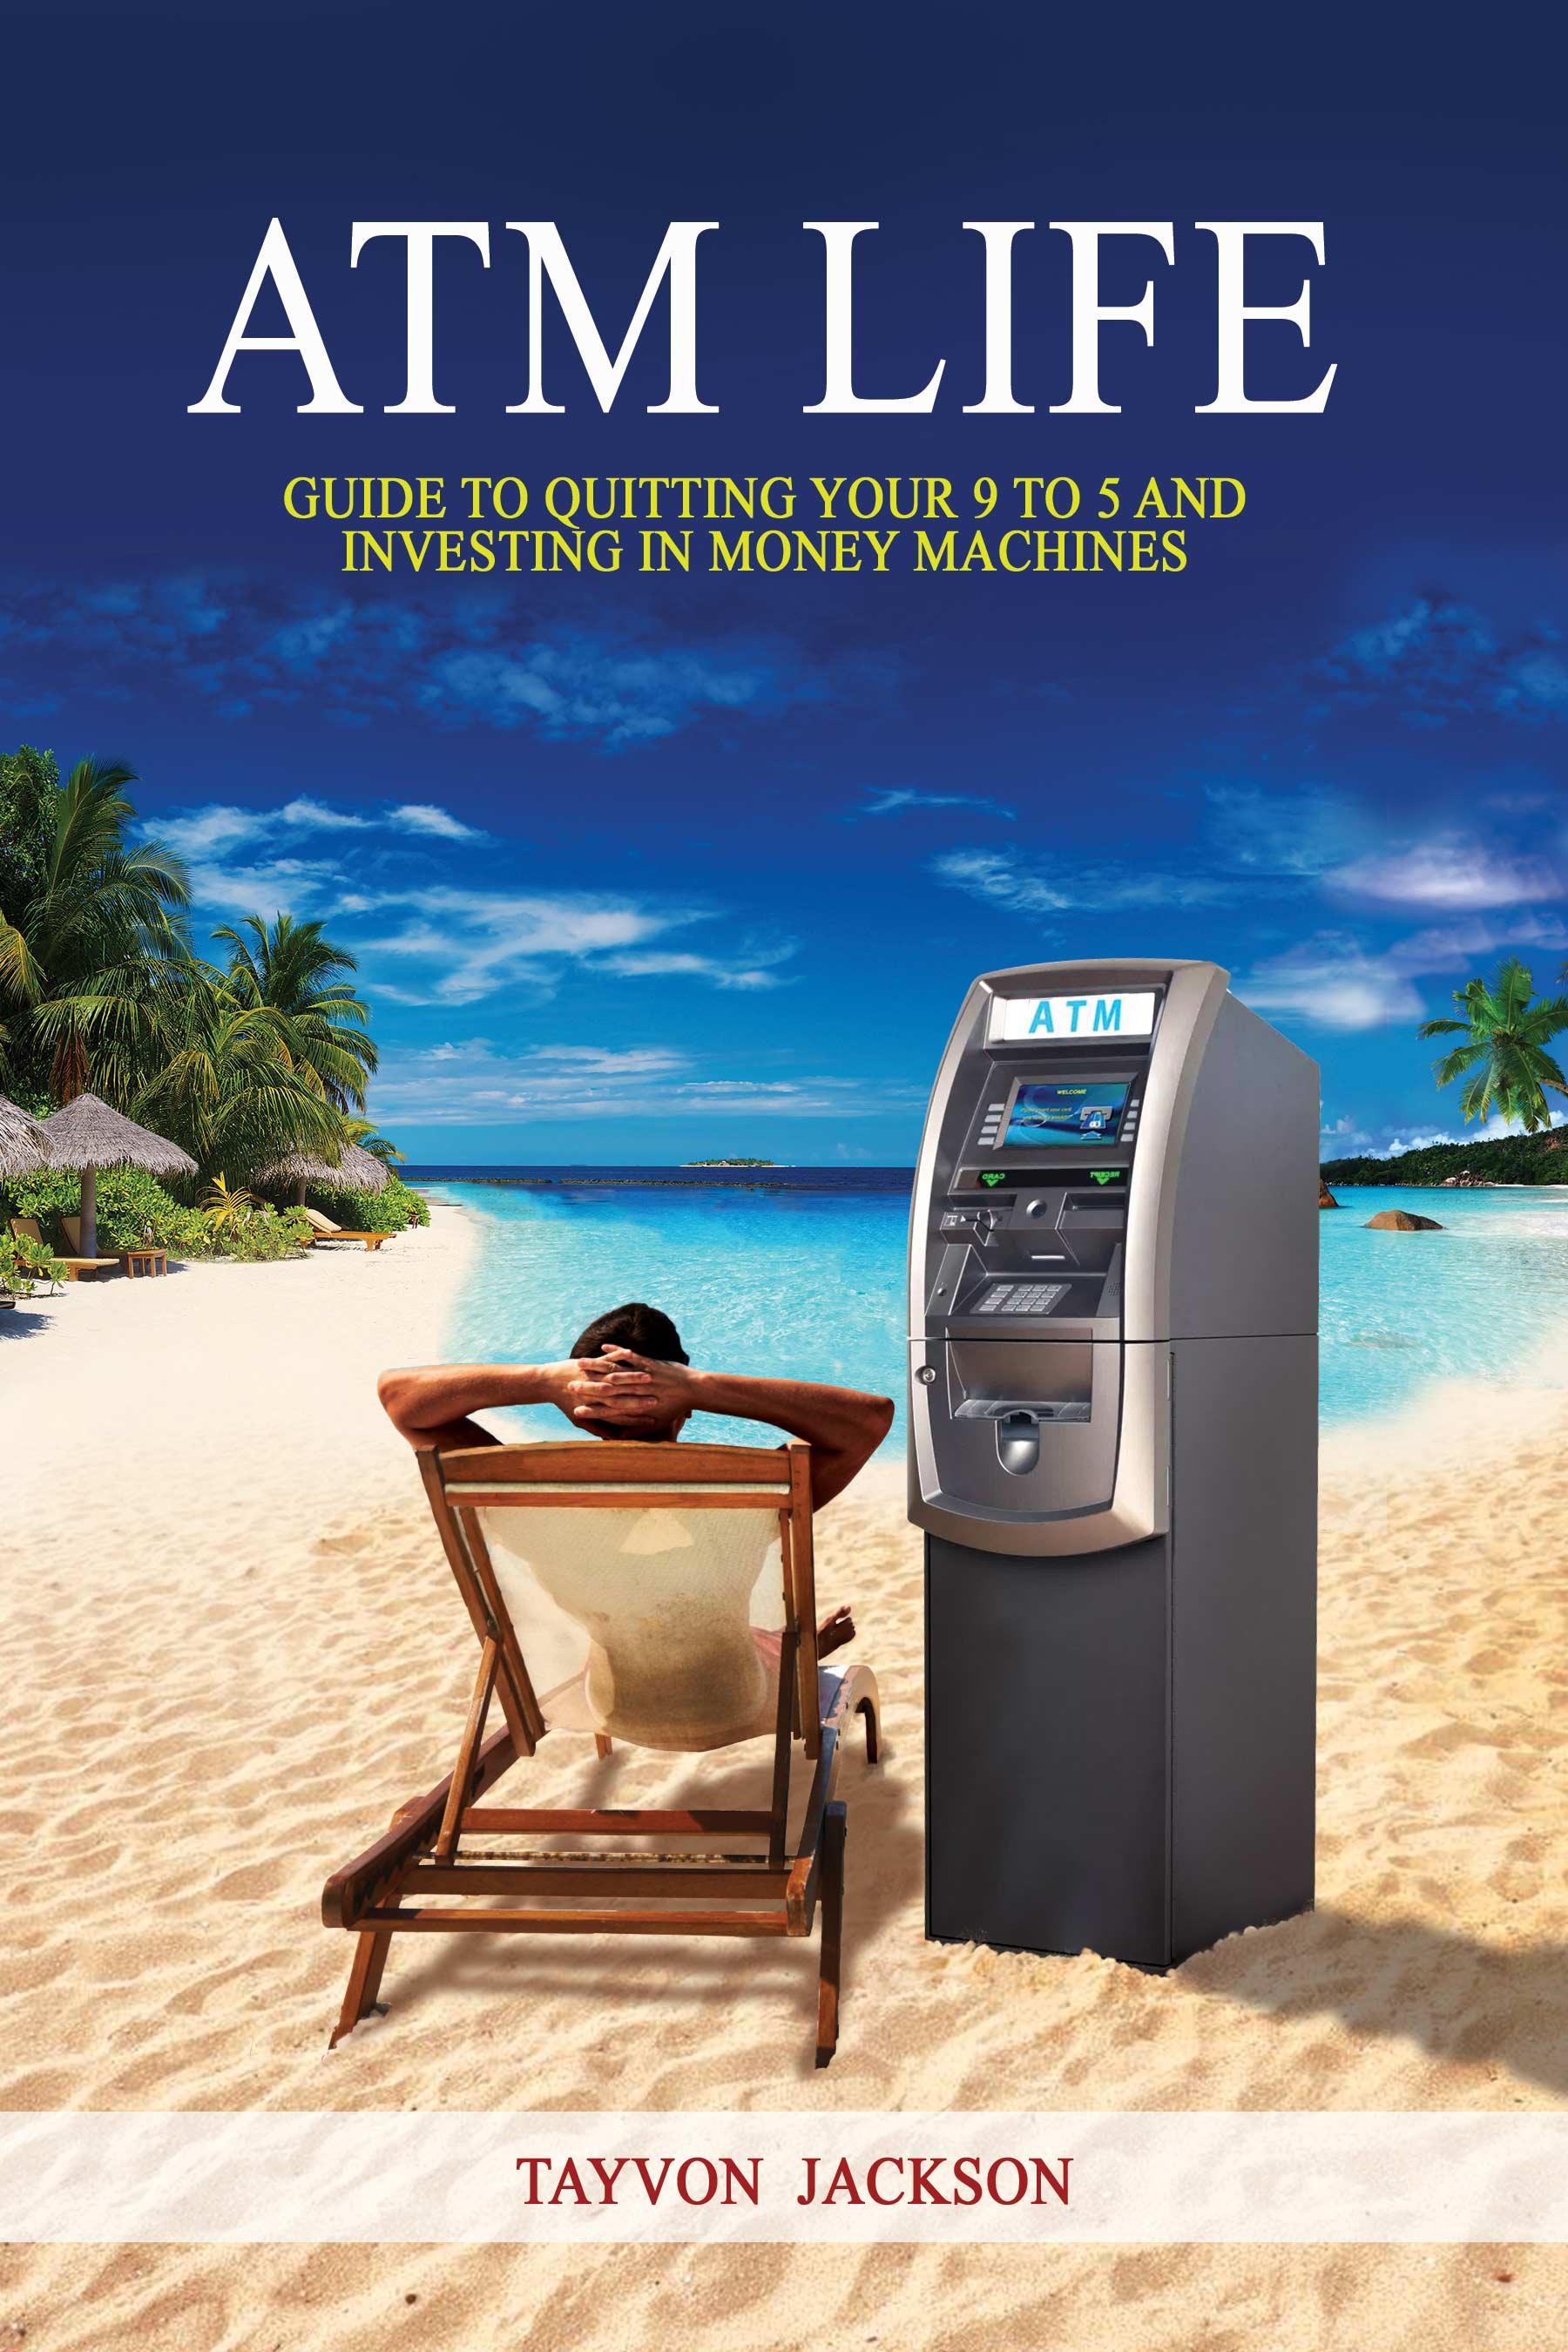 ATM-Life